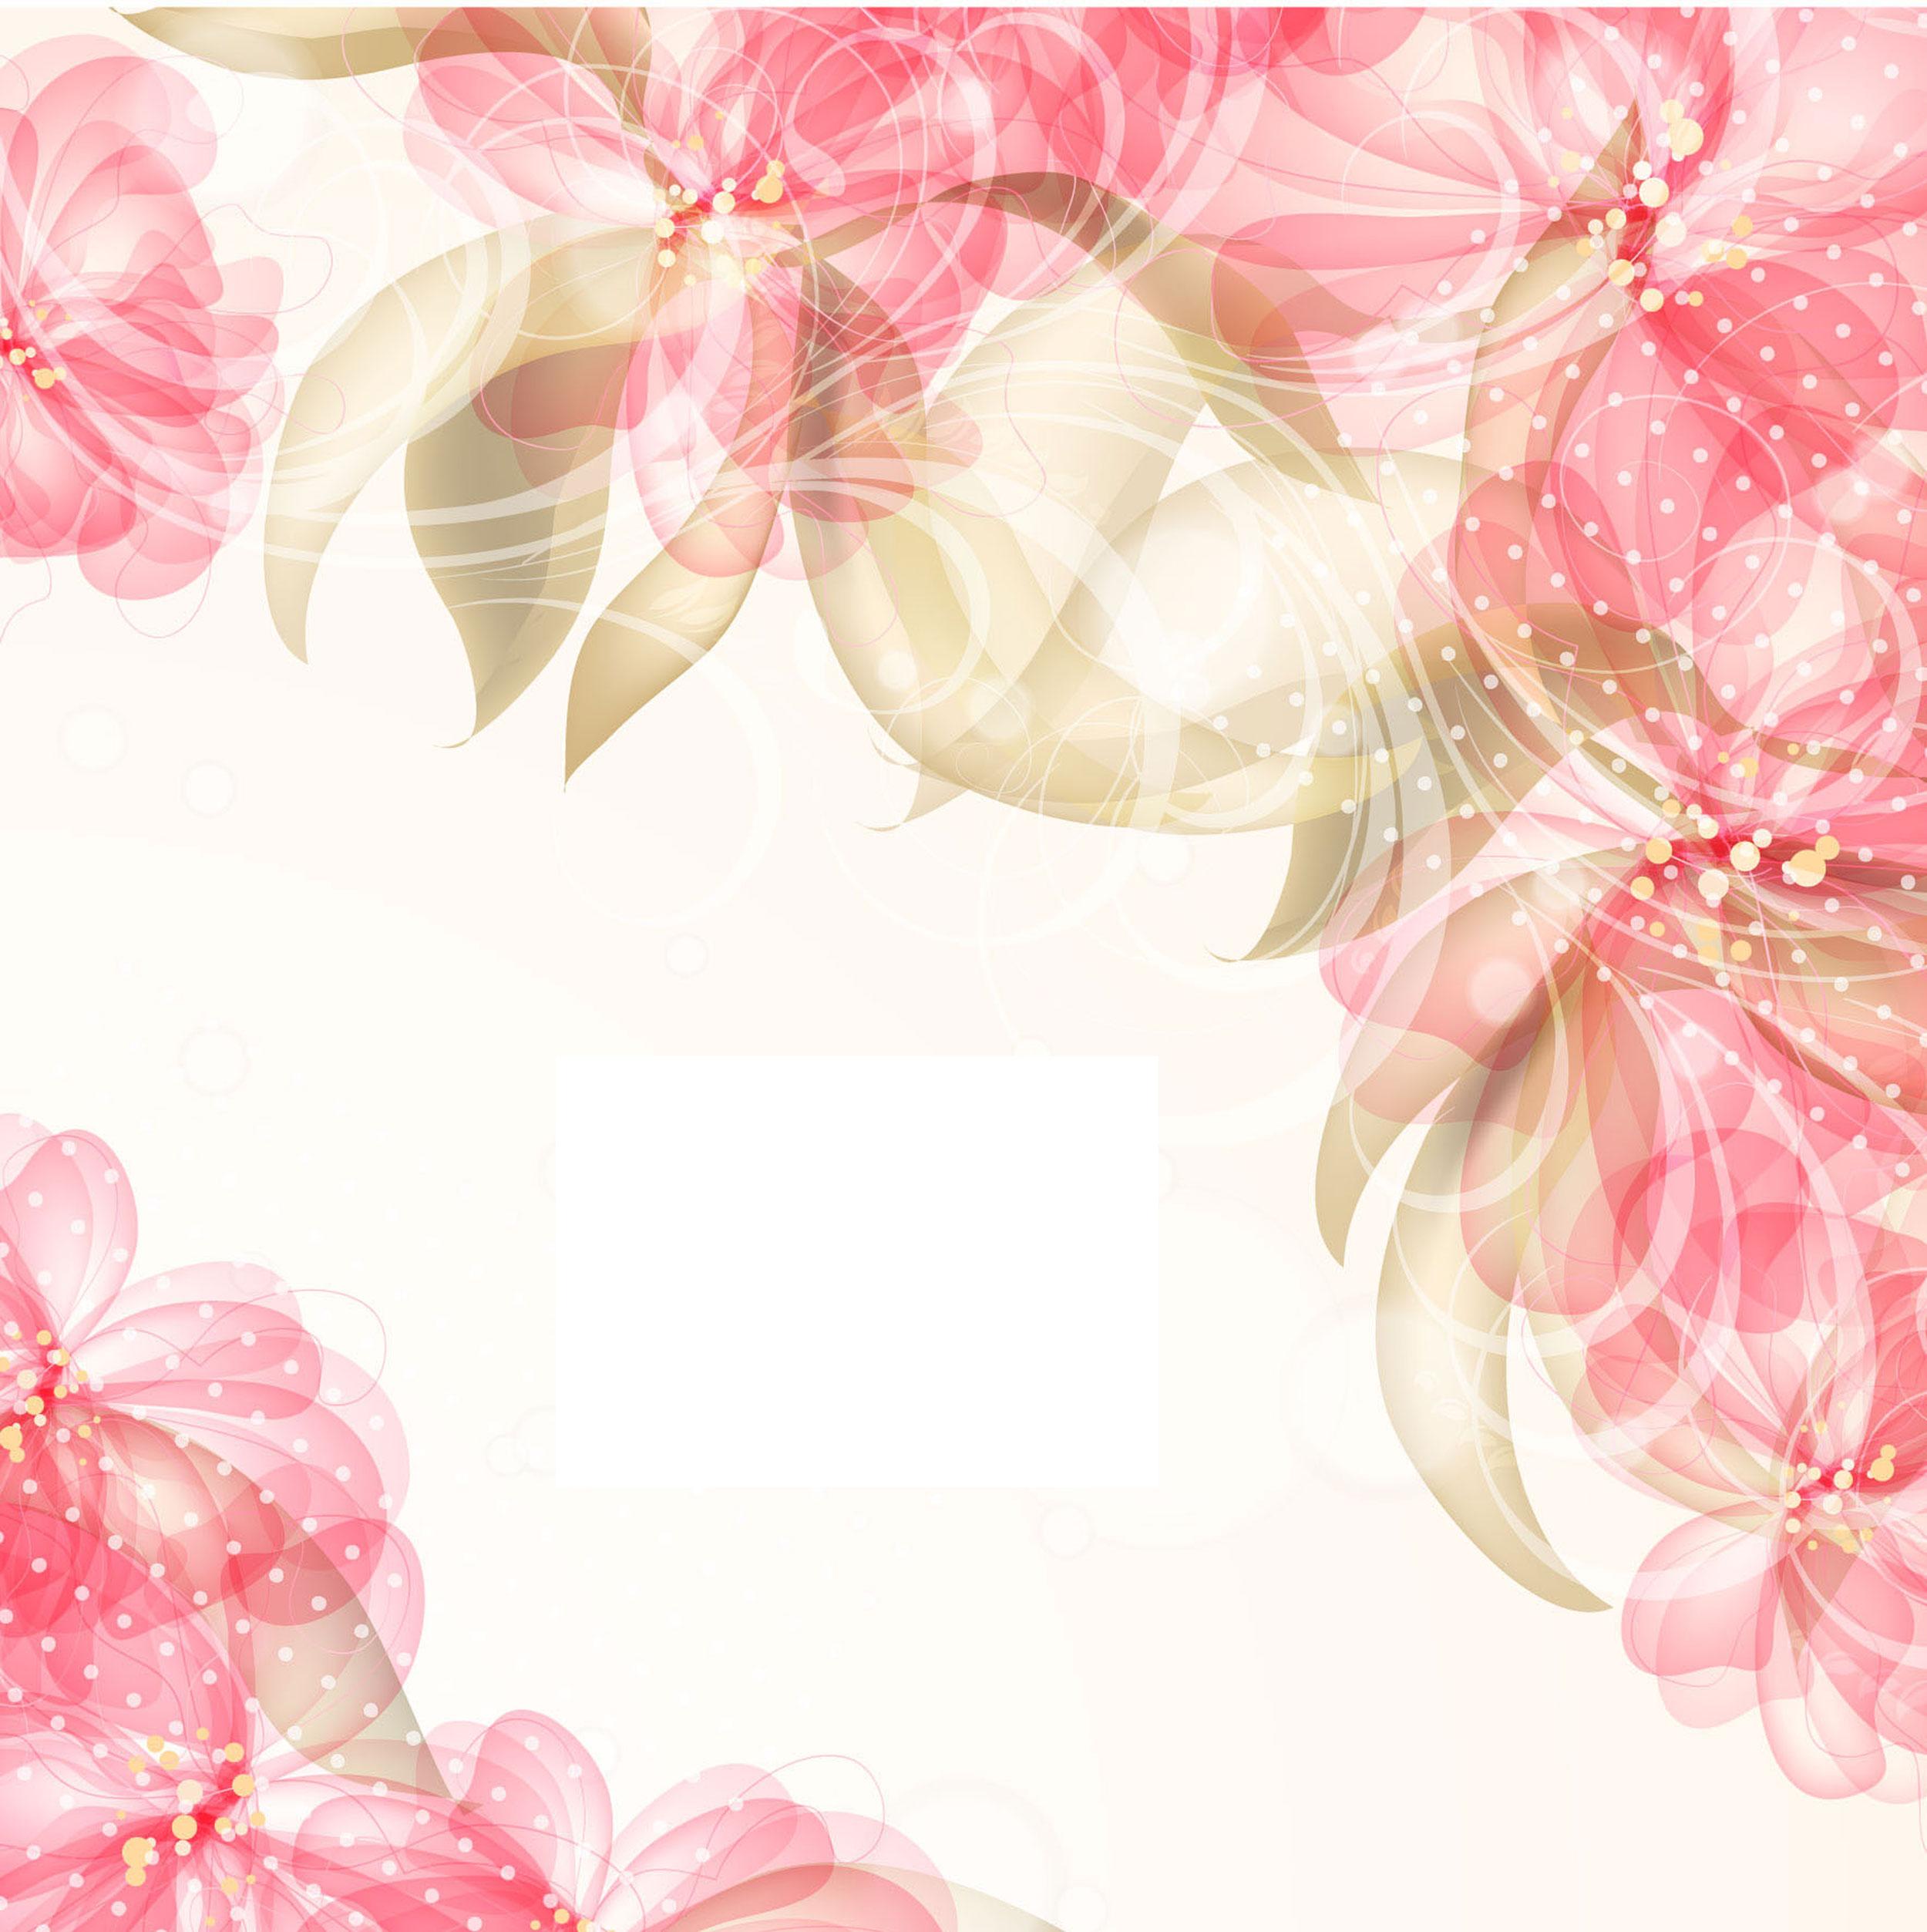 ピンクの花のイラスト フリー素材 壁紙 背景no 704 ピンク 曲線